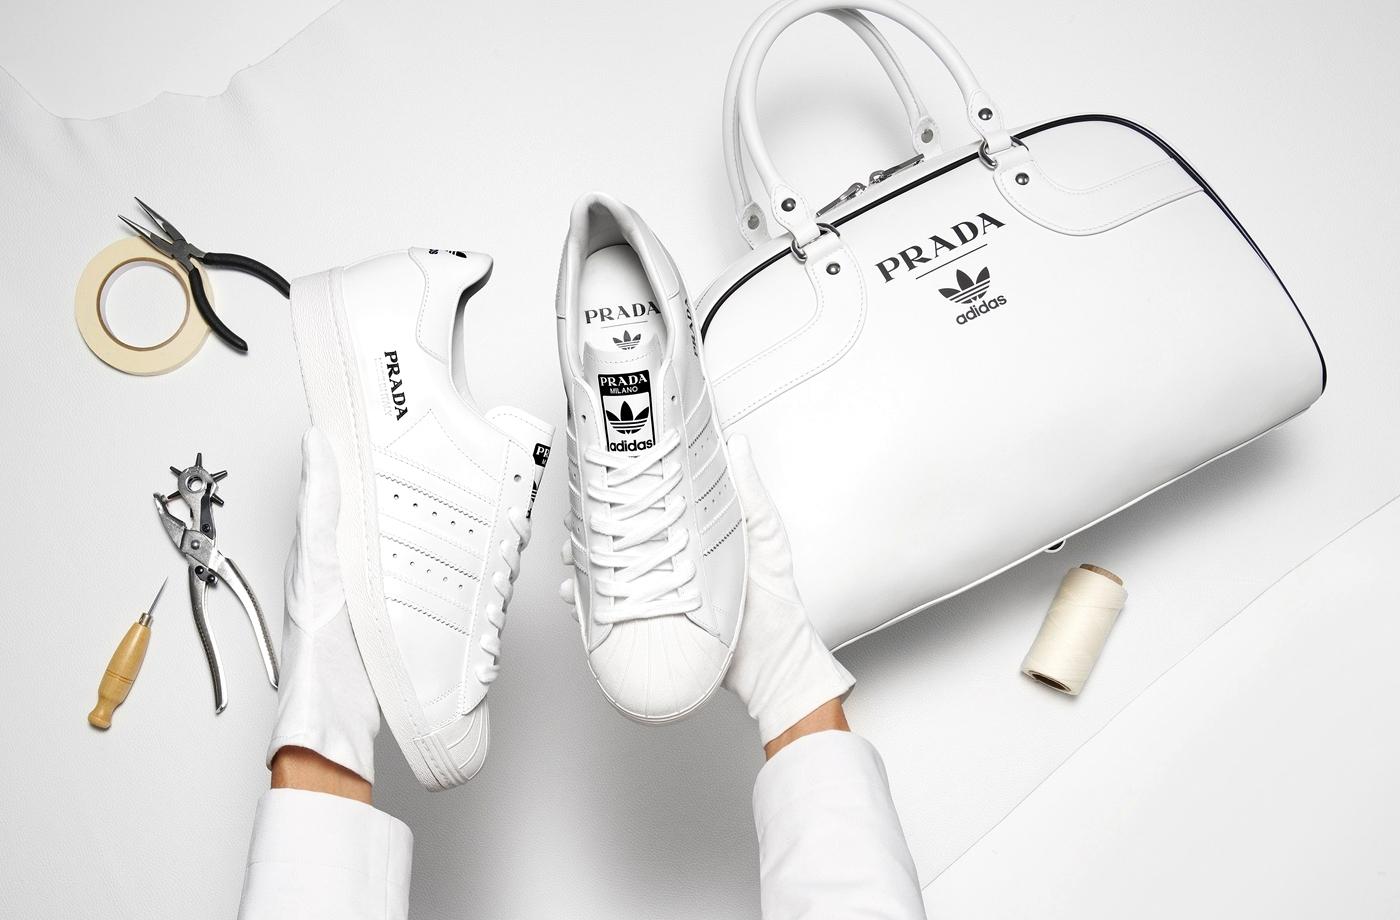 Prada и adidas представили совместные кроссовки